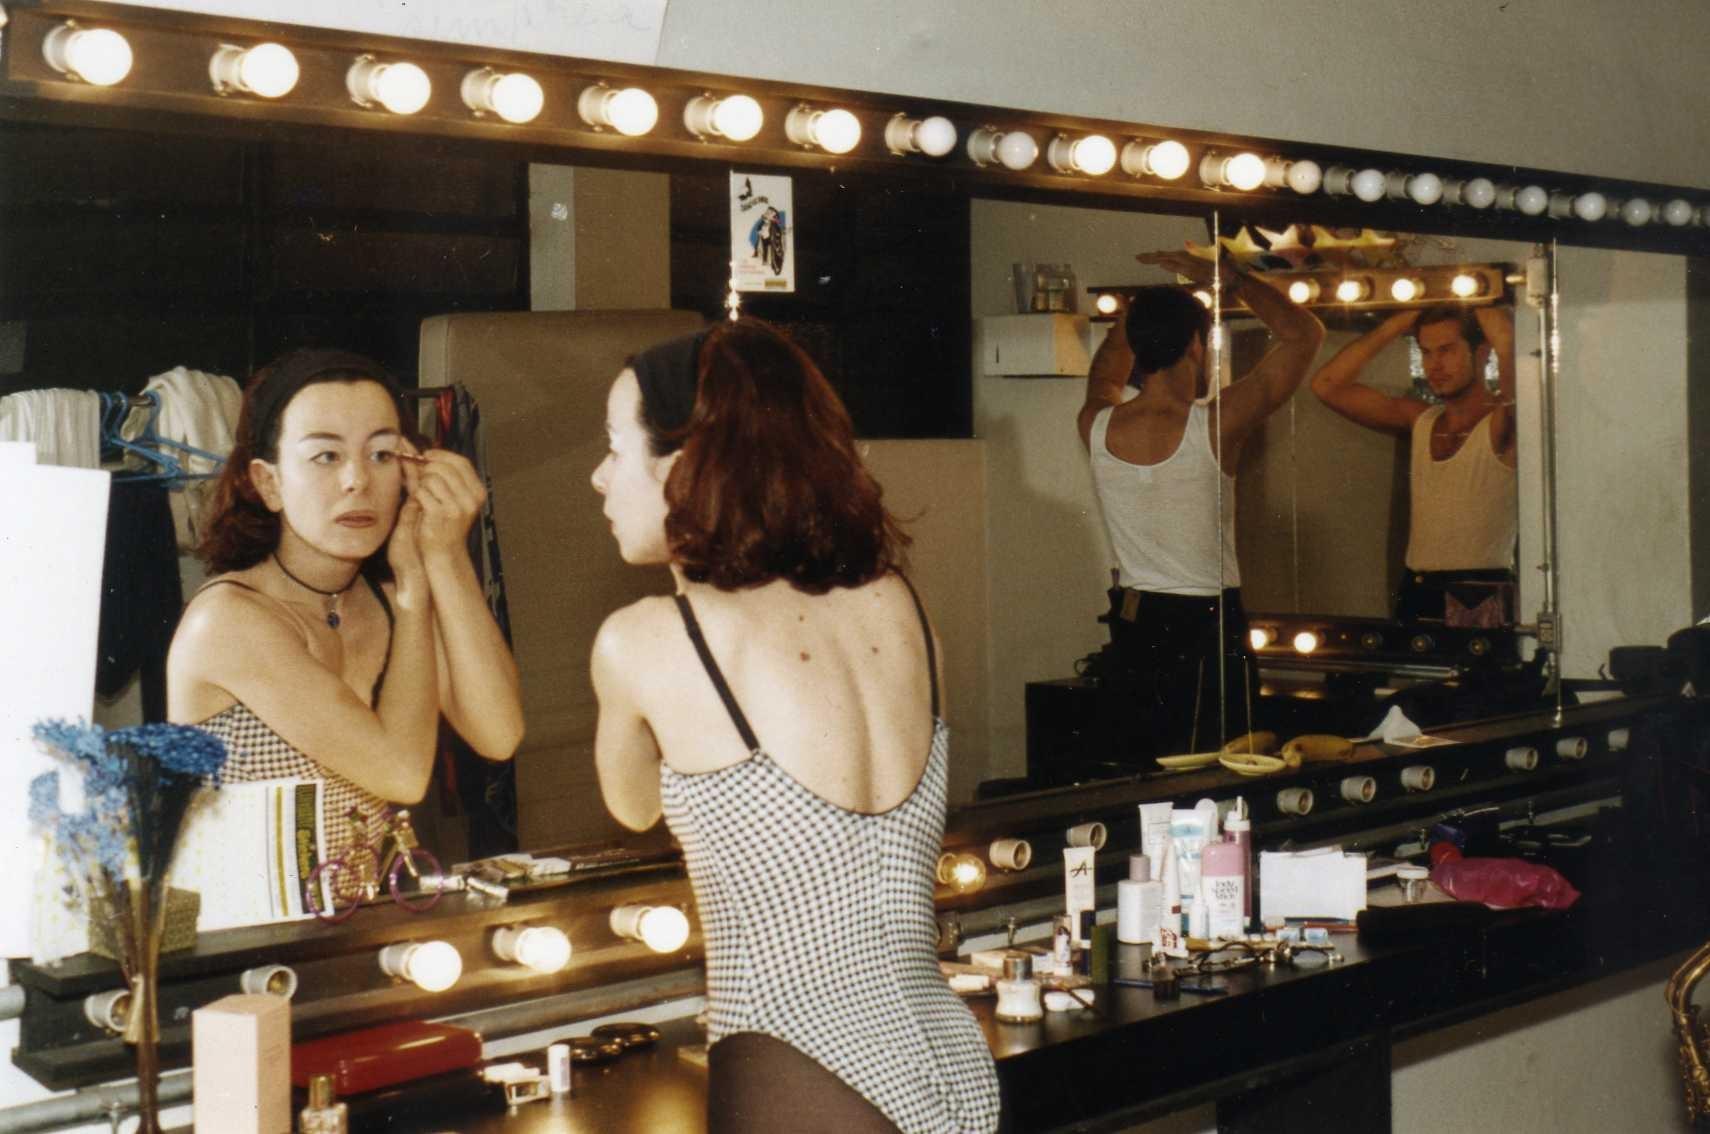 Geraldine Quaglia se preparando para entrar no palco (Foto: Divulgação)